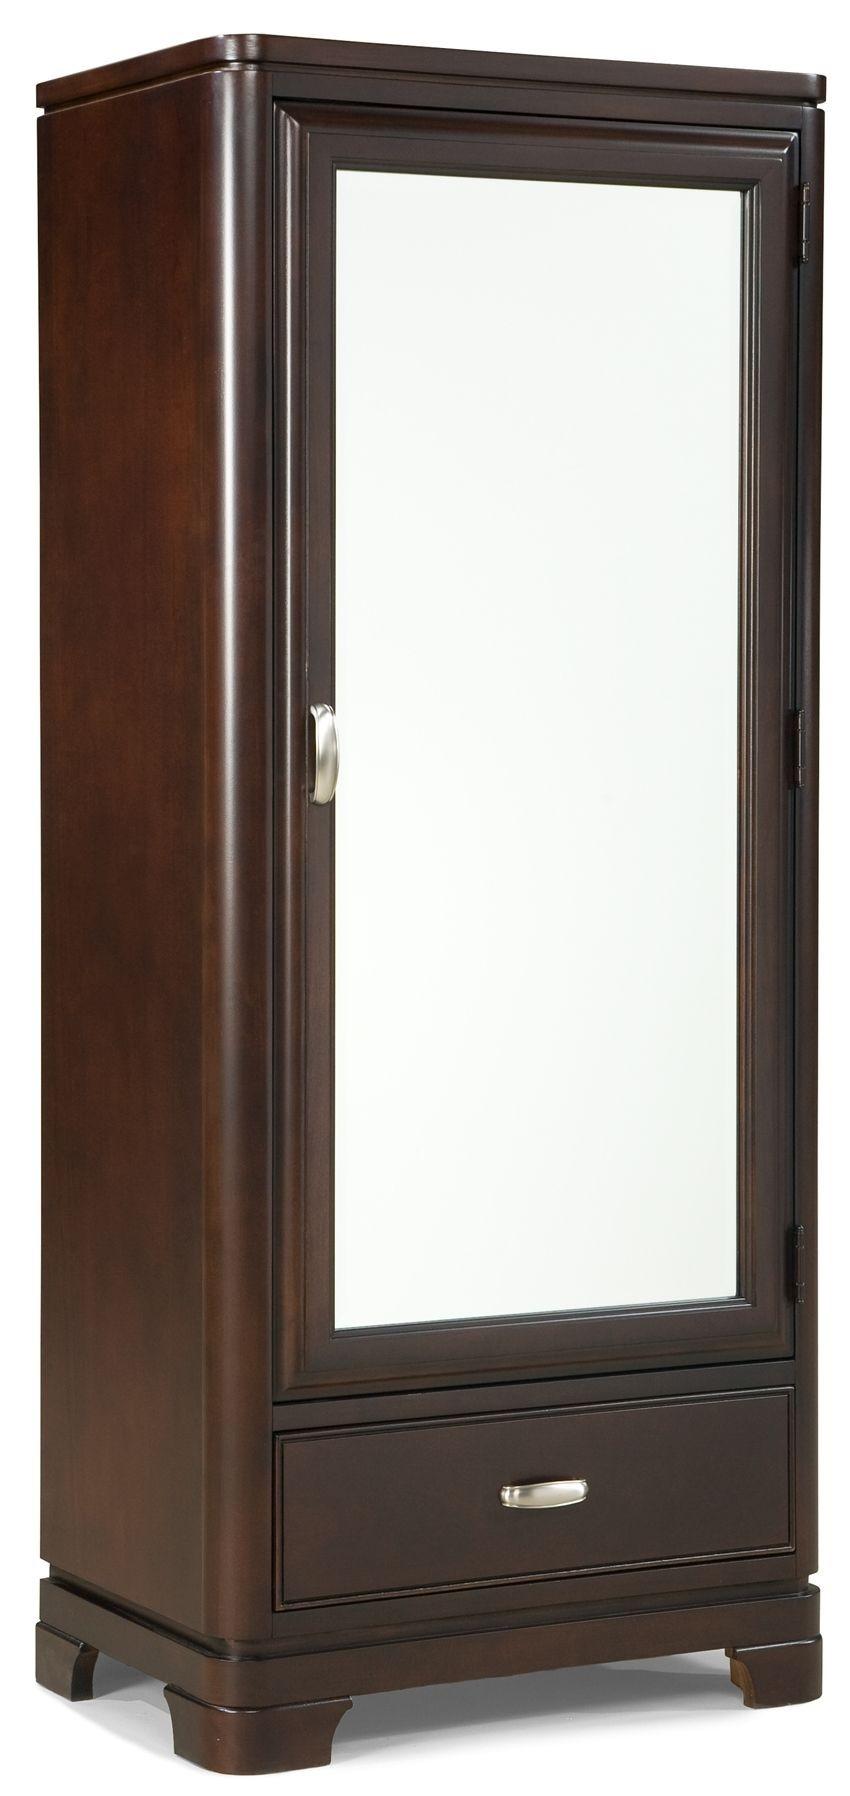 Park City Merlot Platform Storage Bedroom Set From Legacy Kids 9980 4733k Coleman Furniture